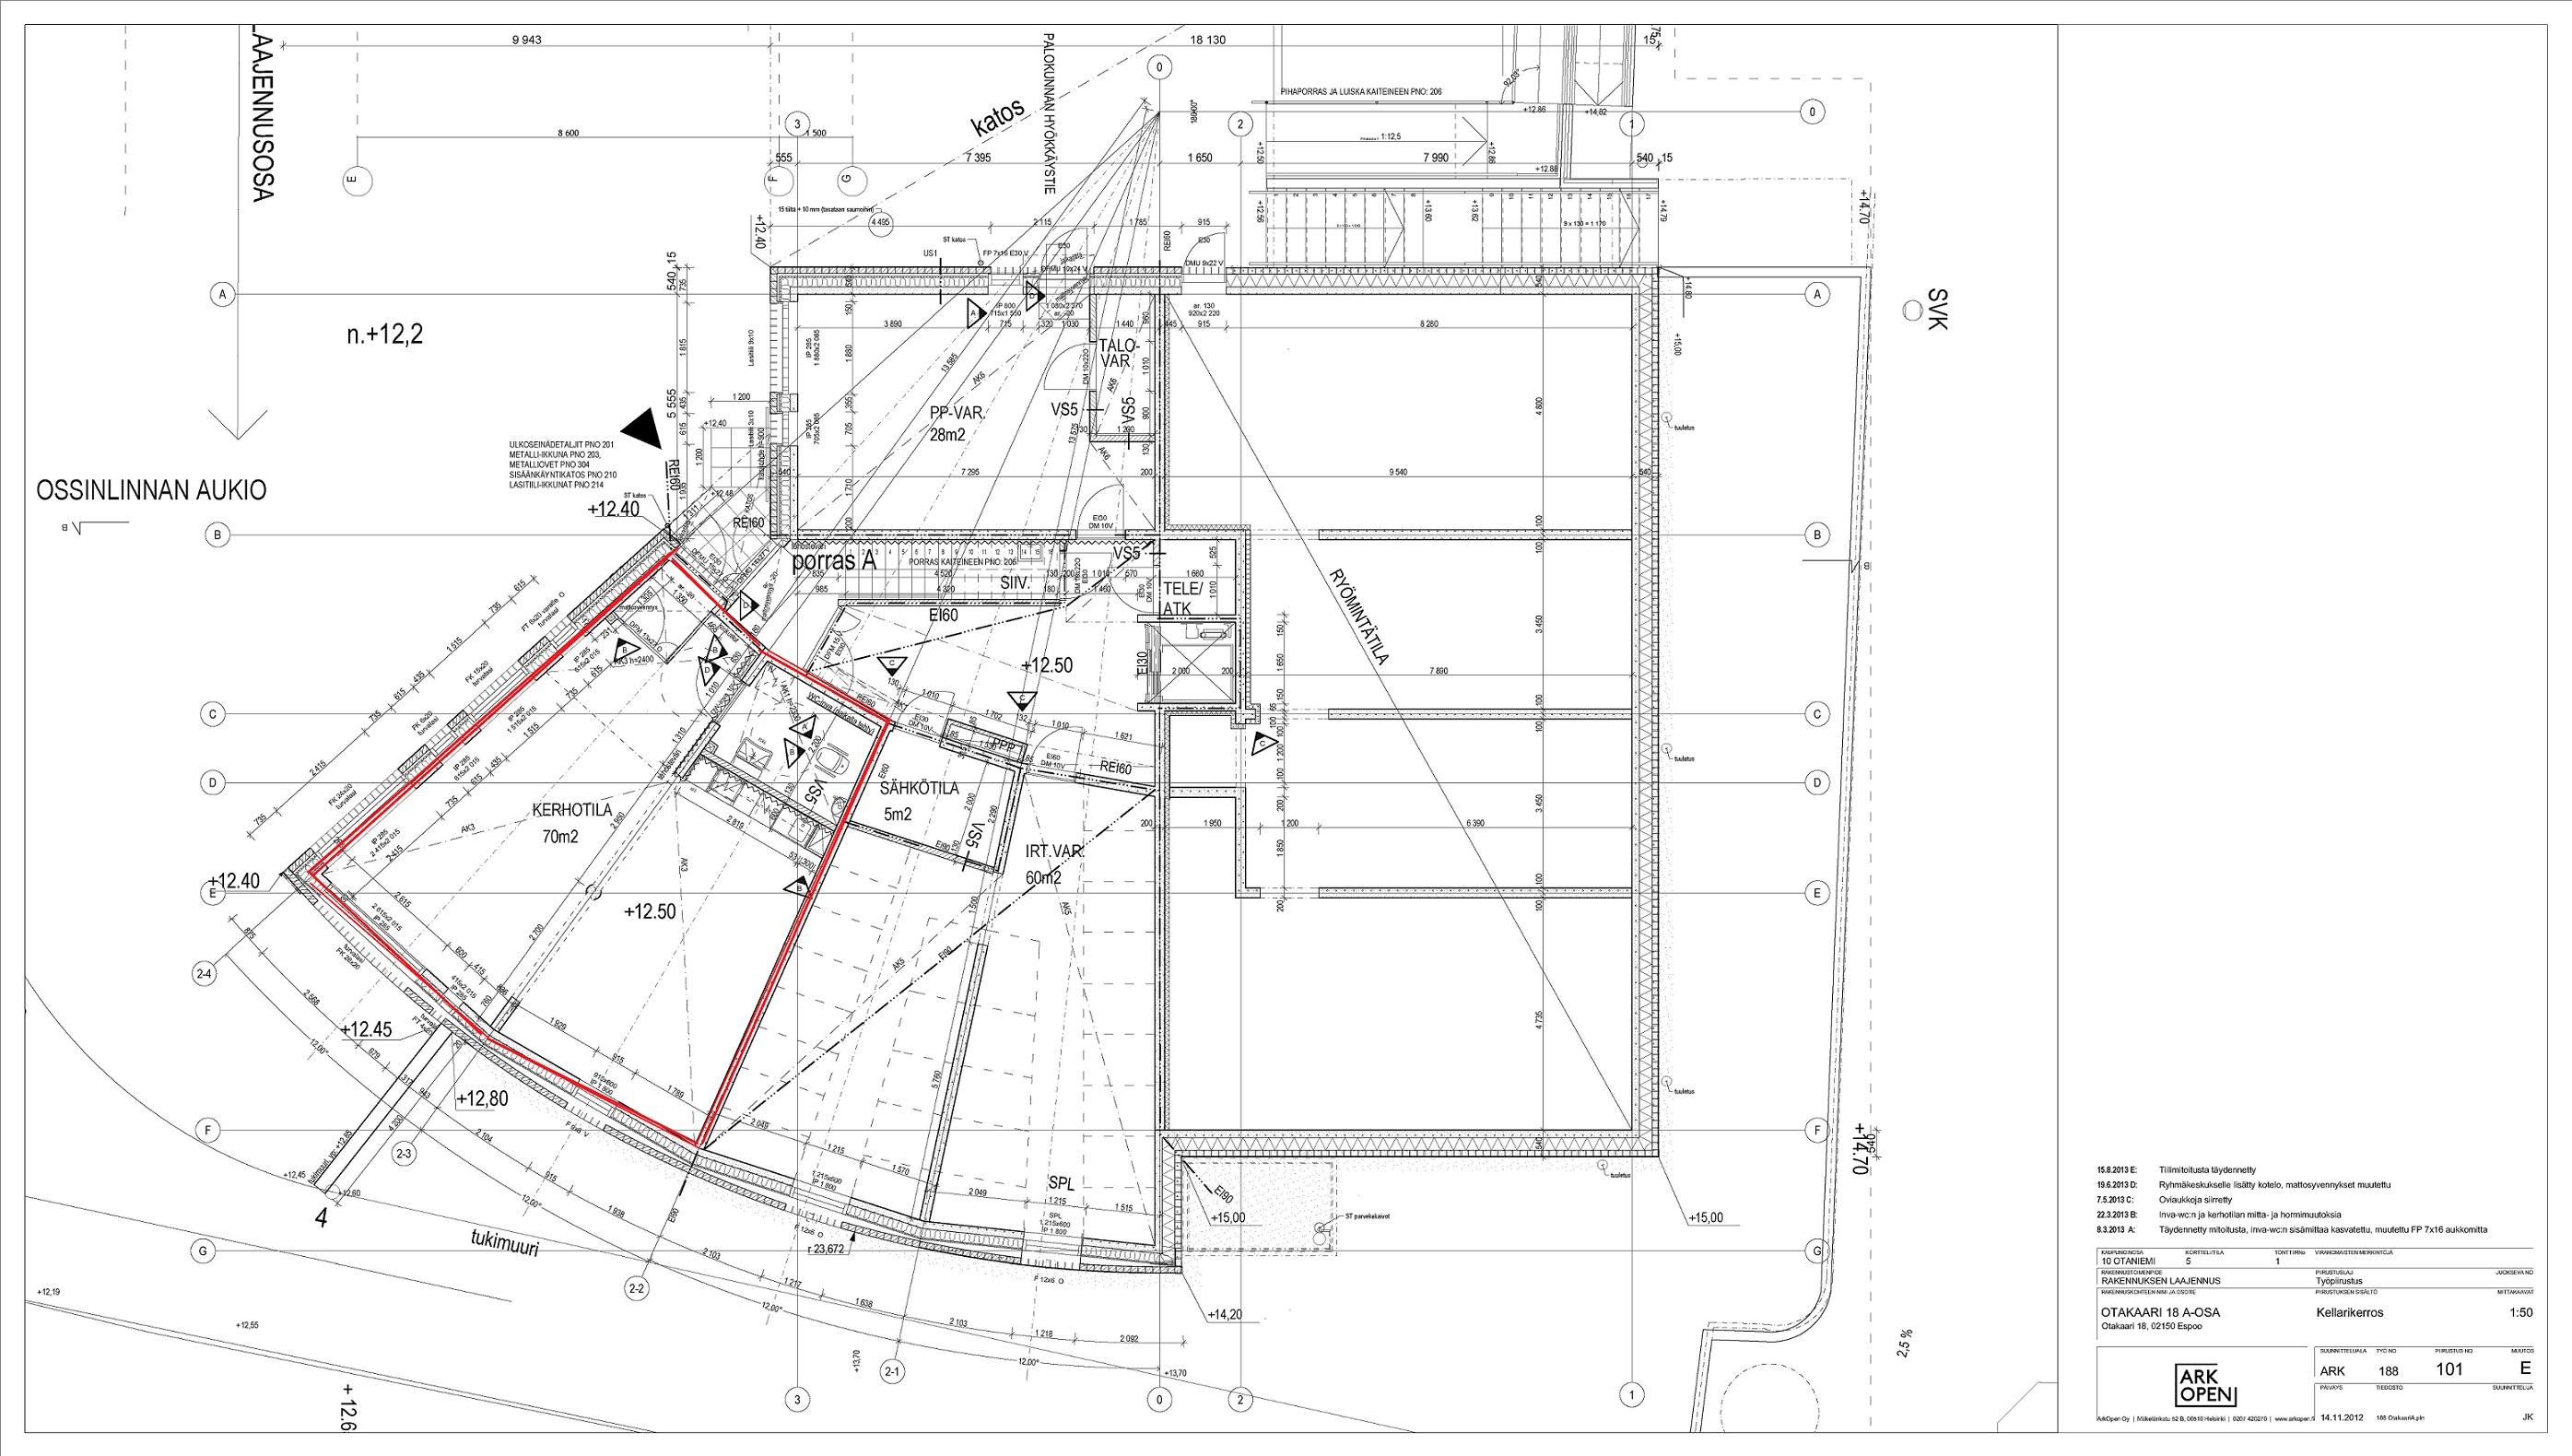 OK18A kellarikerroksen tila / ground floor facility